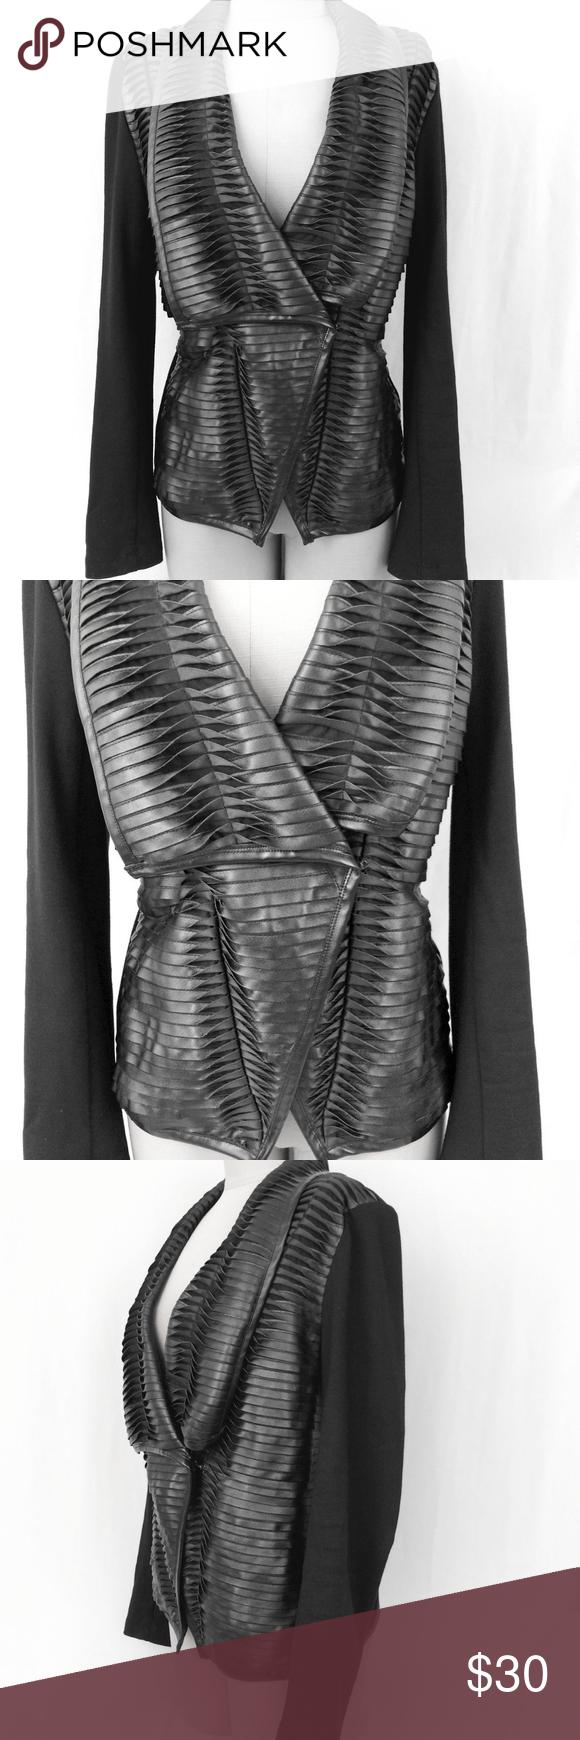 PREMISE Ladies Black Faux Leather Woven Jacket 12 Woven